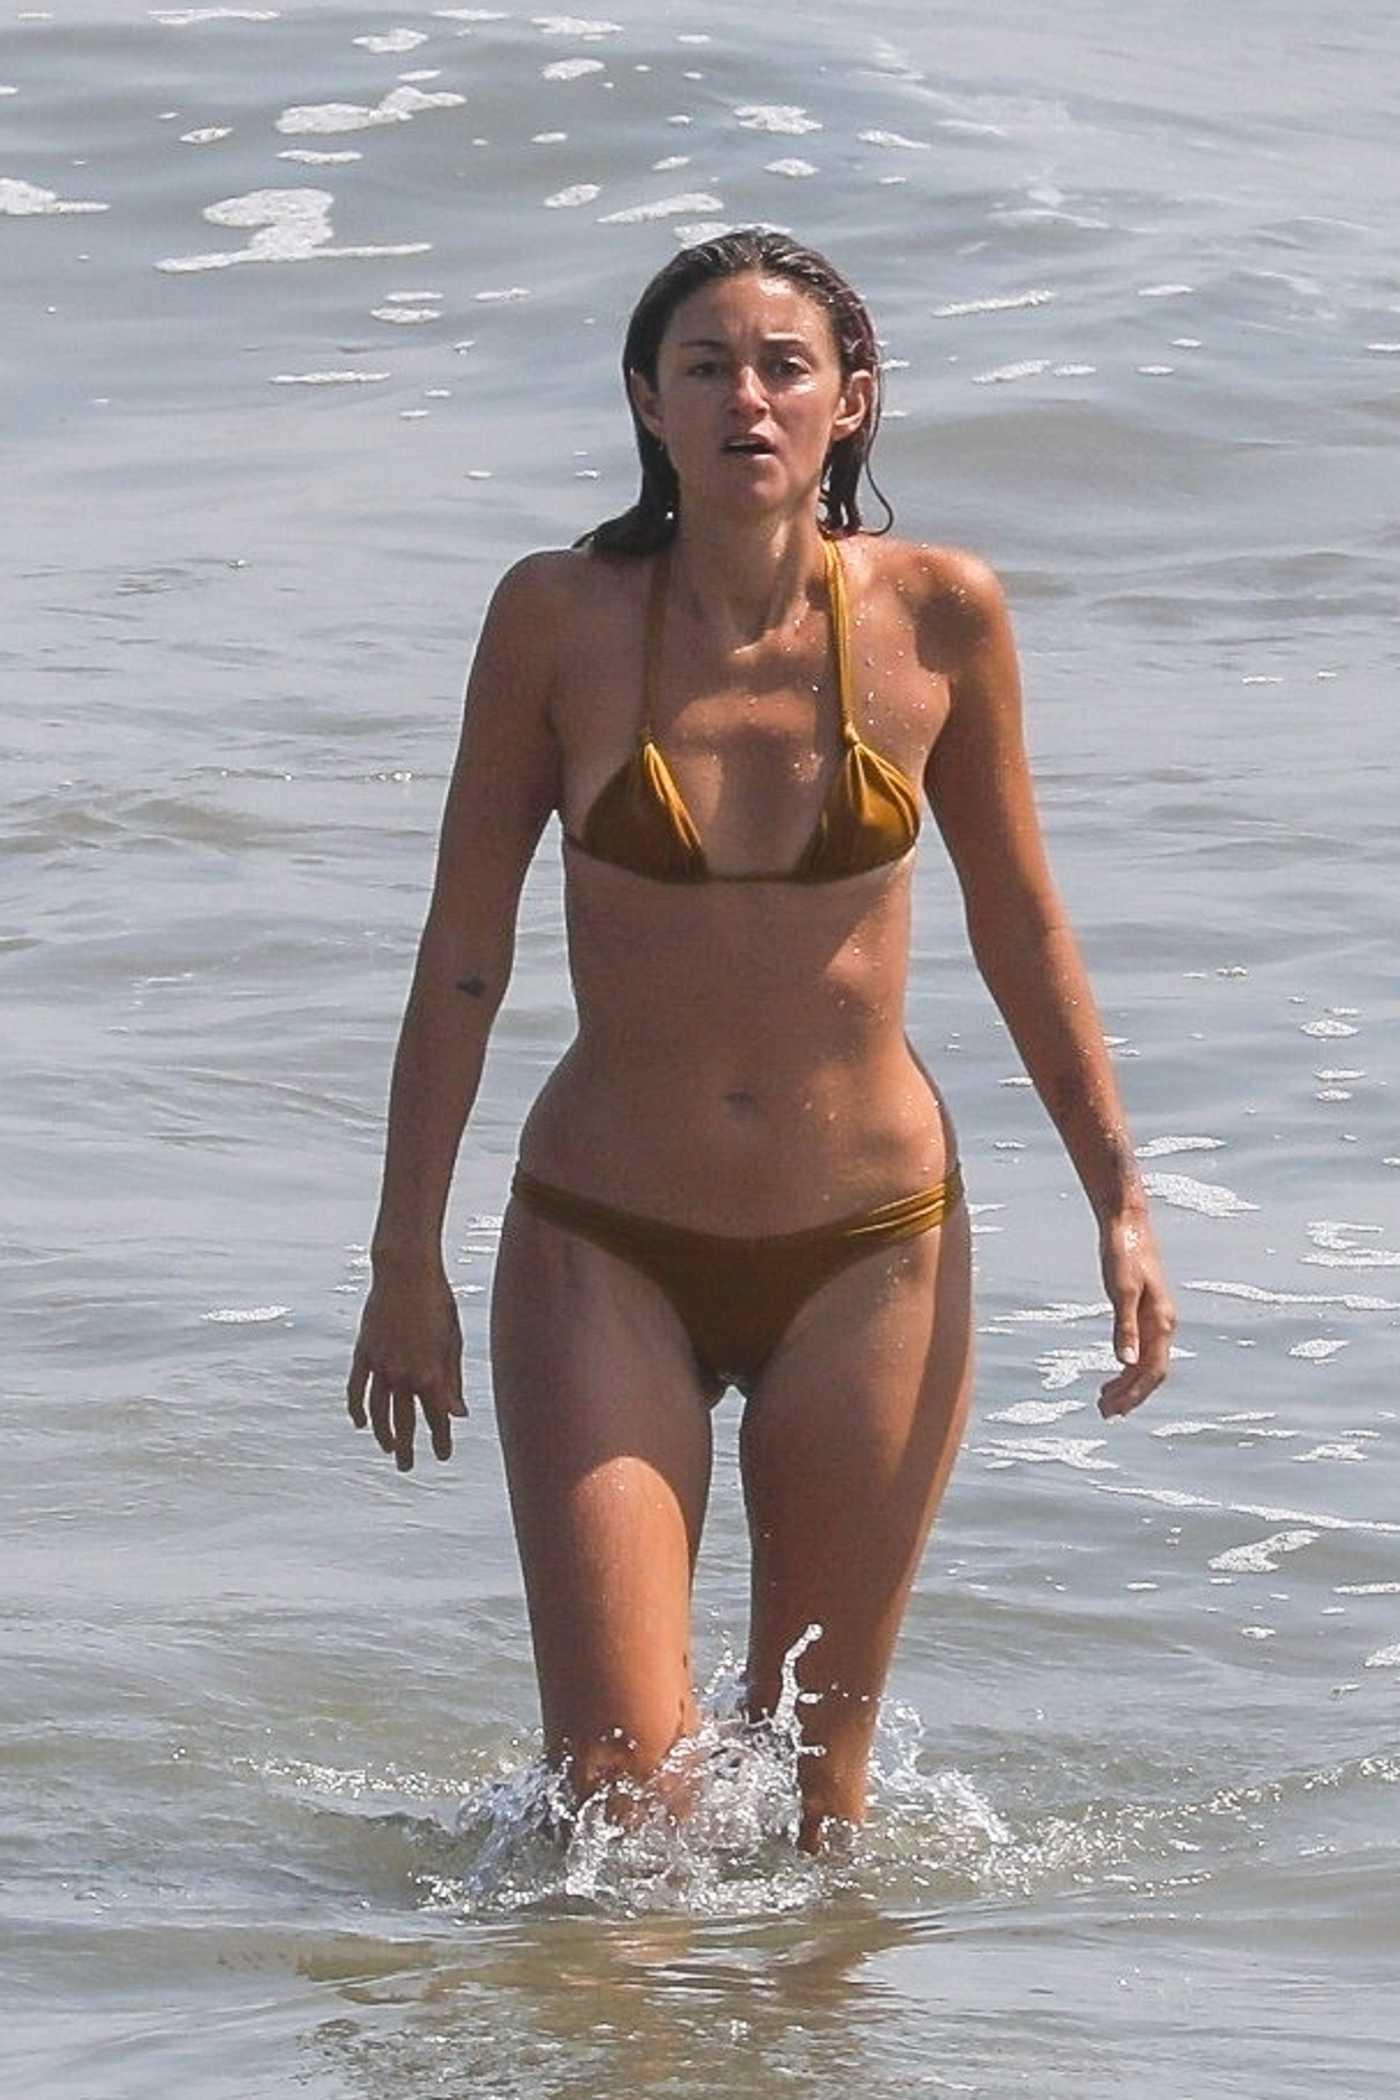 Caroline D'Amore in a Gold Bikini on the Beach in Malibu 08/17/2020